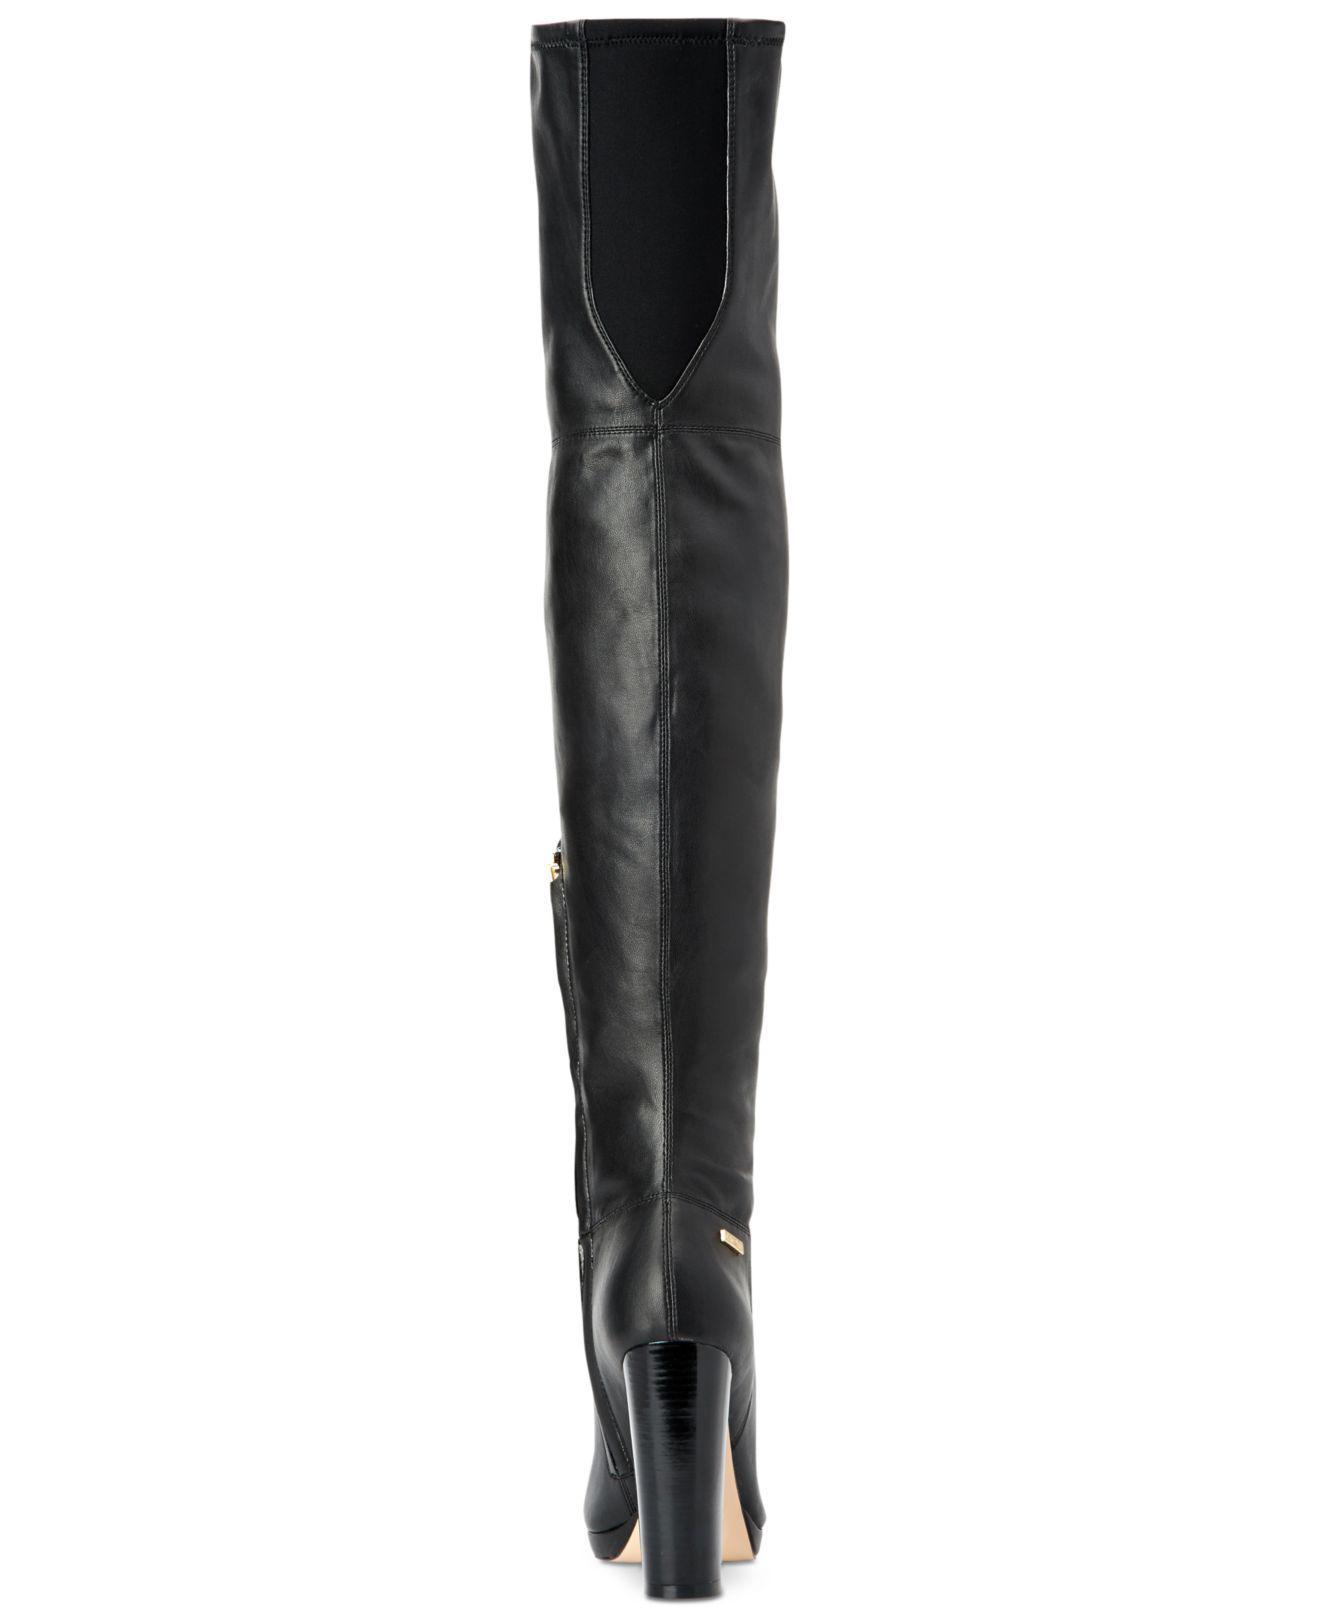 b7615681540 Lyst - Calvin Klein Women s Pammie Boots in Black